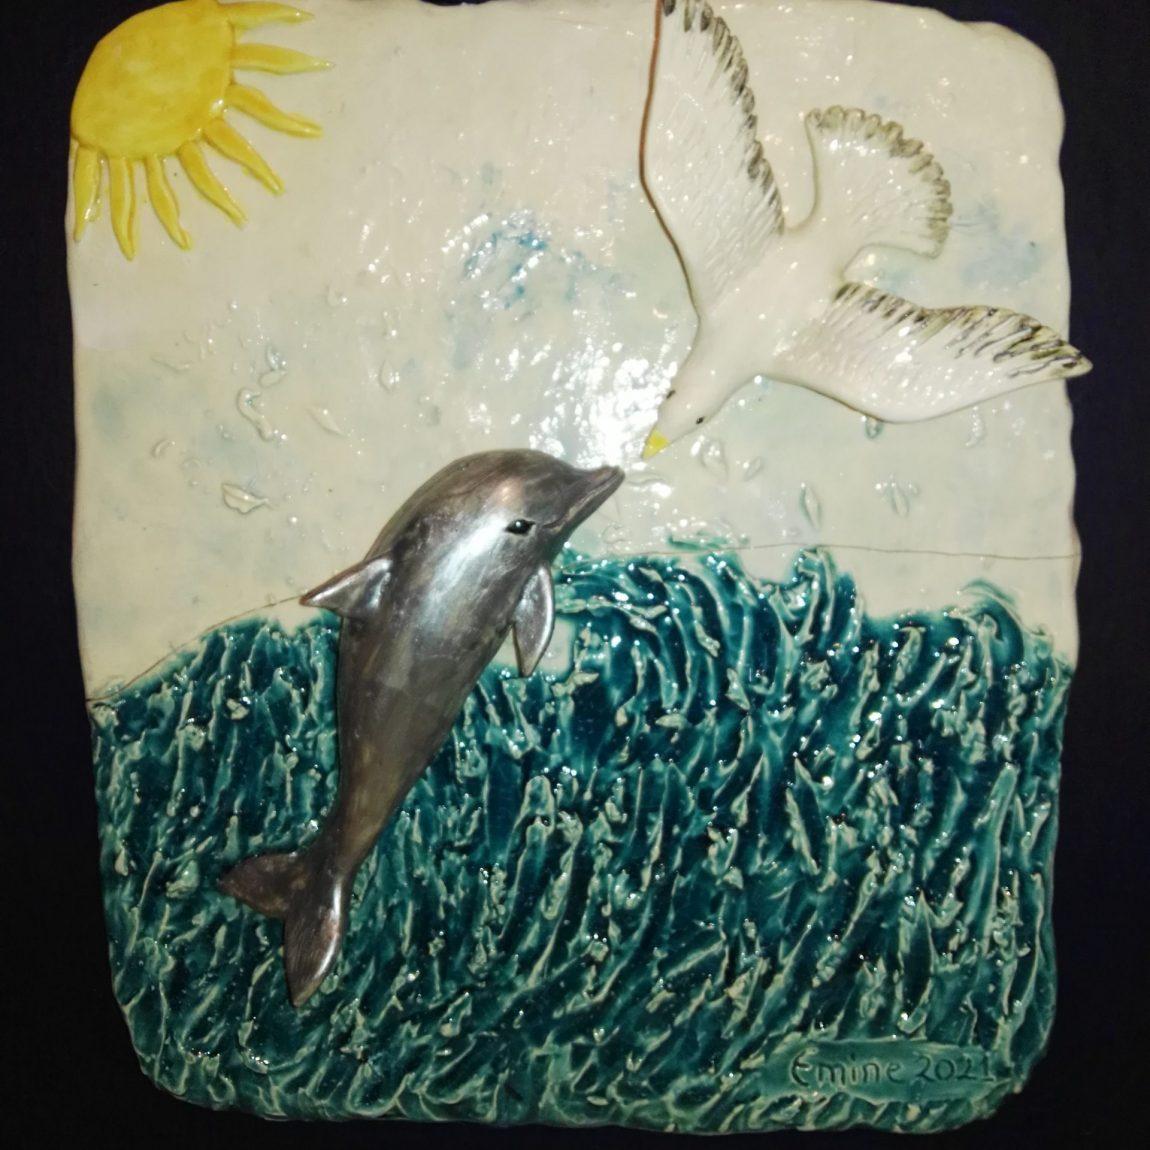 Sanatçı : Emine Kumaş -  Eser Adı: Buluşma Teknik:  Beyaz çamur elle şekillendirme sırlı seramik rolyef - Ölçü: En:29 cm Boy: 32 cm - Fiyat : 2.150 TL